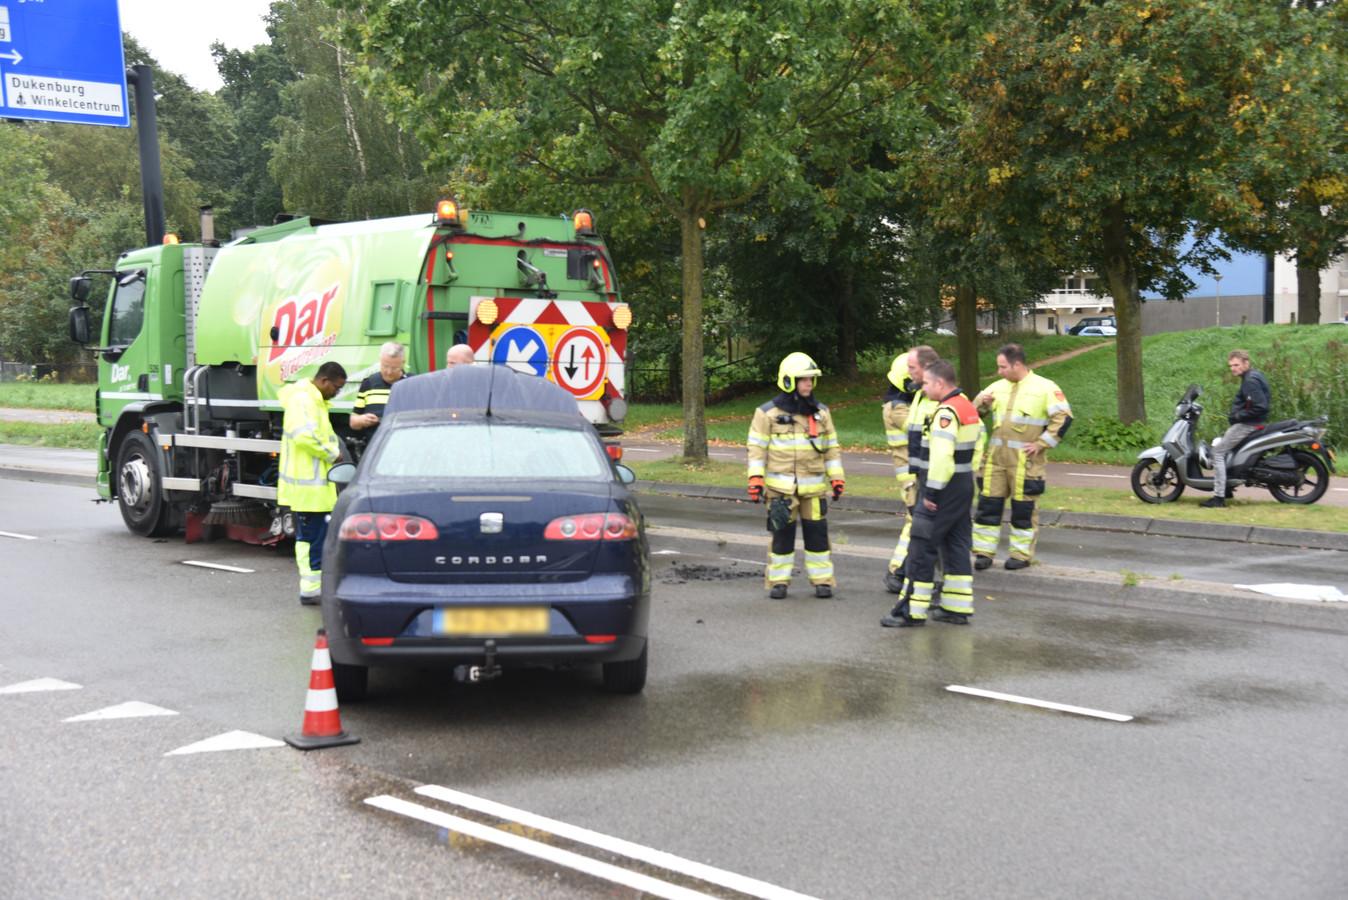 Een wagen en veegwagen kwamen met elkaar in botsing.